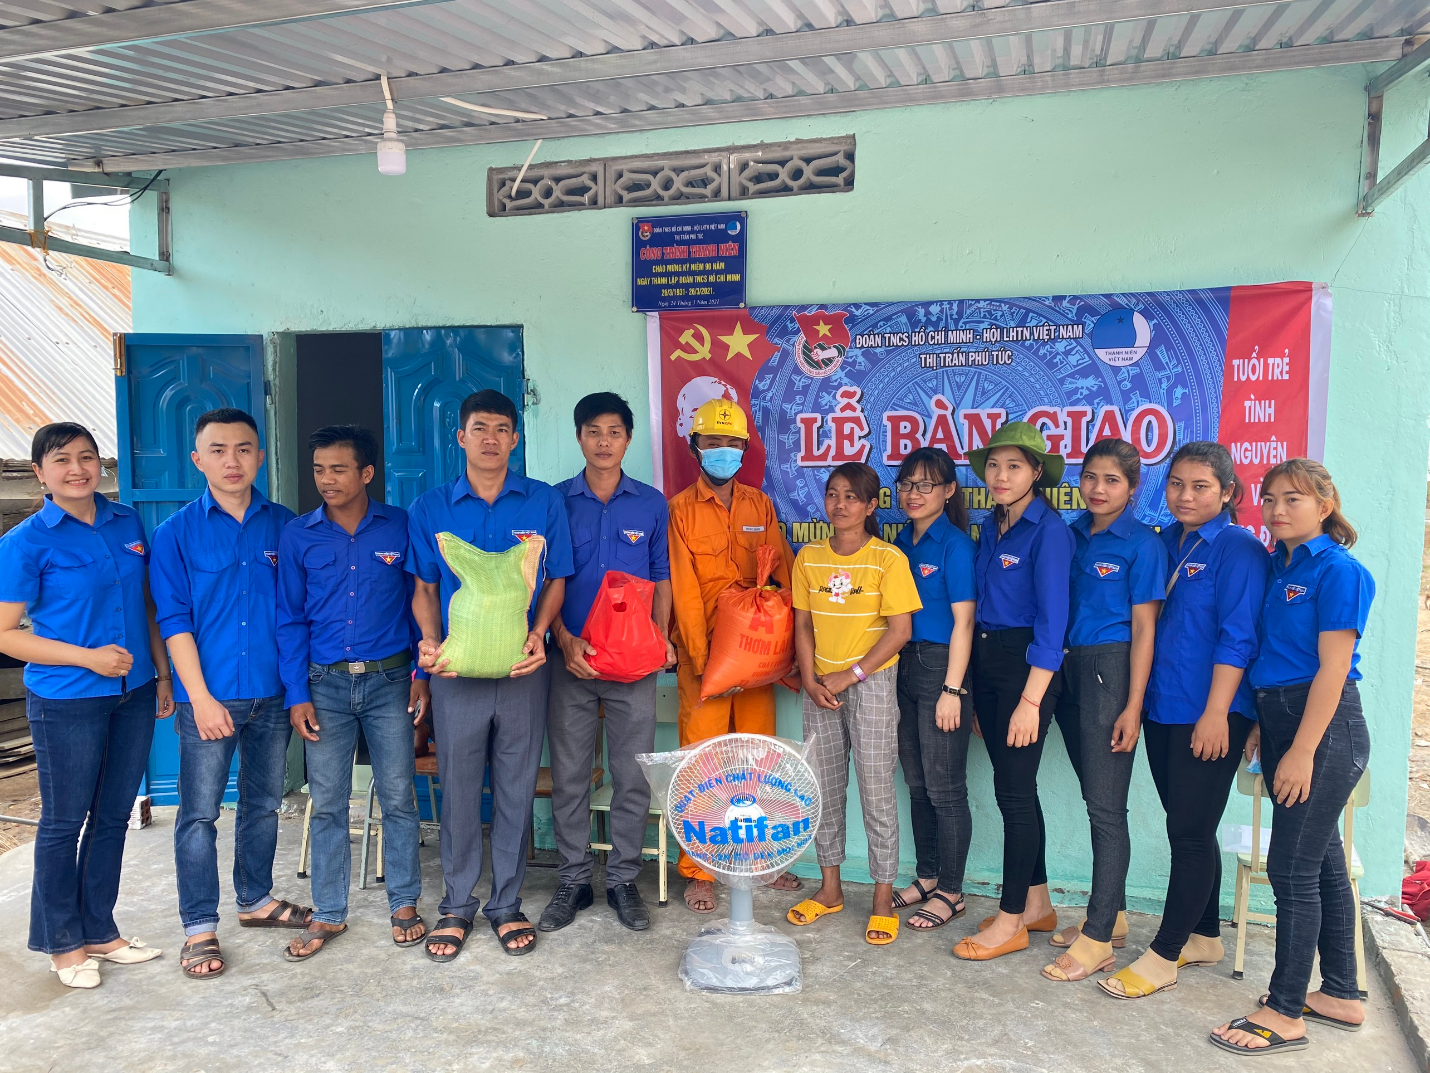 Đoàn thanh niên Điện lực Krông Pa (PC Gia Lai) đem niềm vui đến với người nghèo - Ảnh 1.